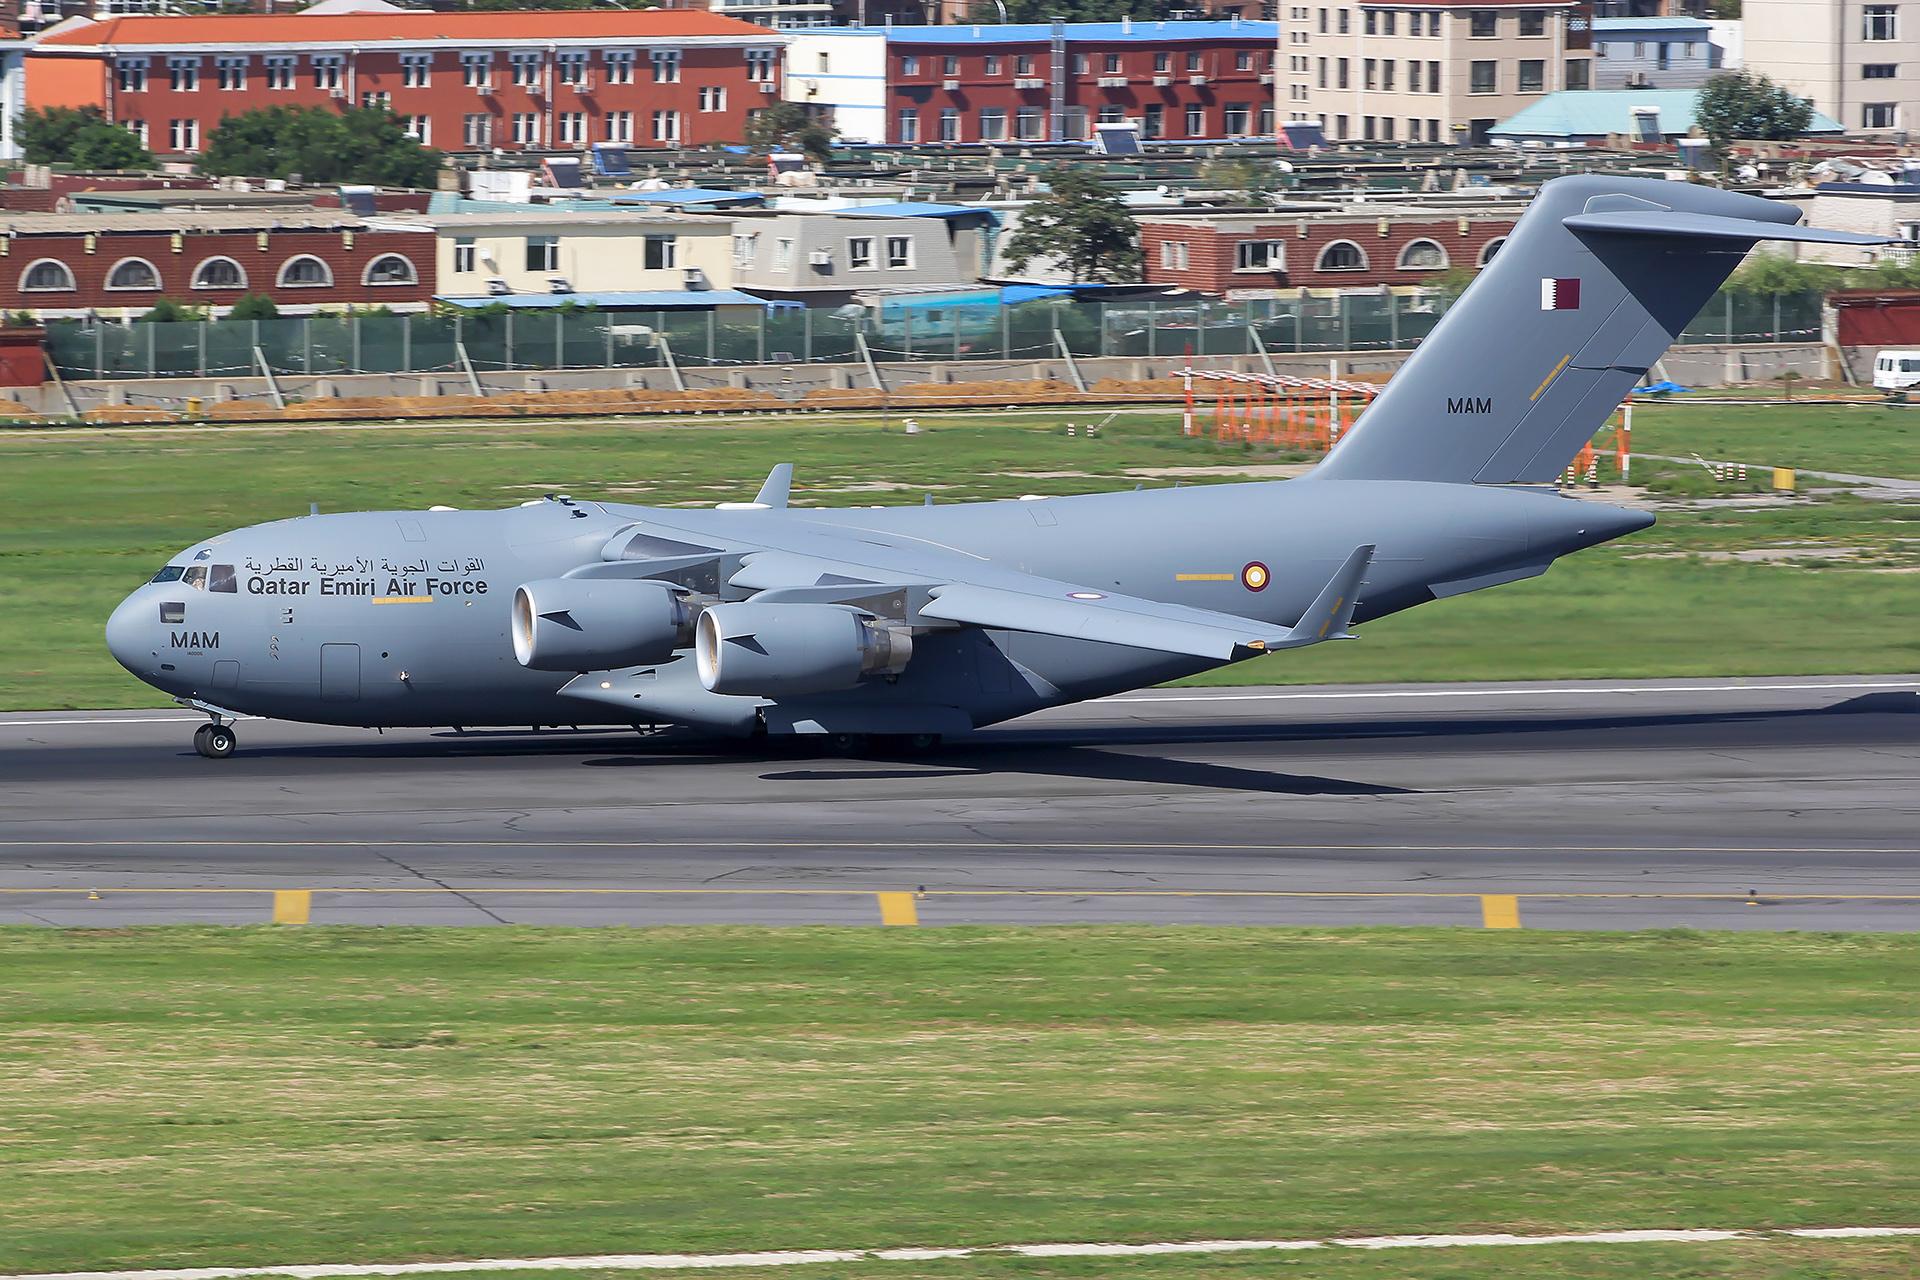 [原创][原创][DLC]。。。DLC C17。。。 BOEING C-17A GLOBEMASTER III A7-MAM 中国大连国际机场